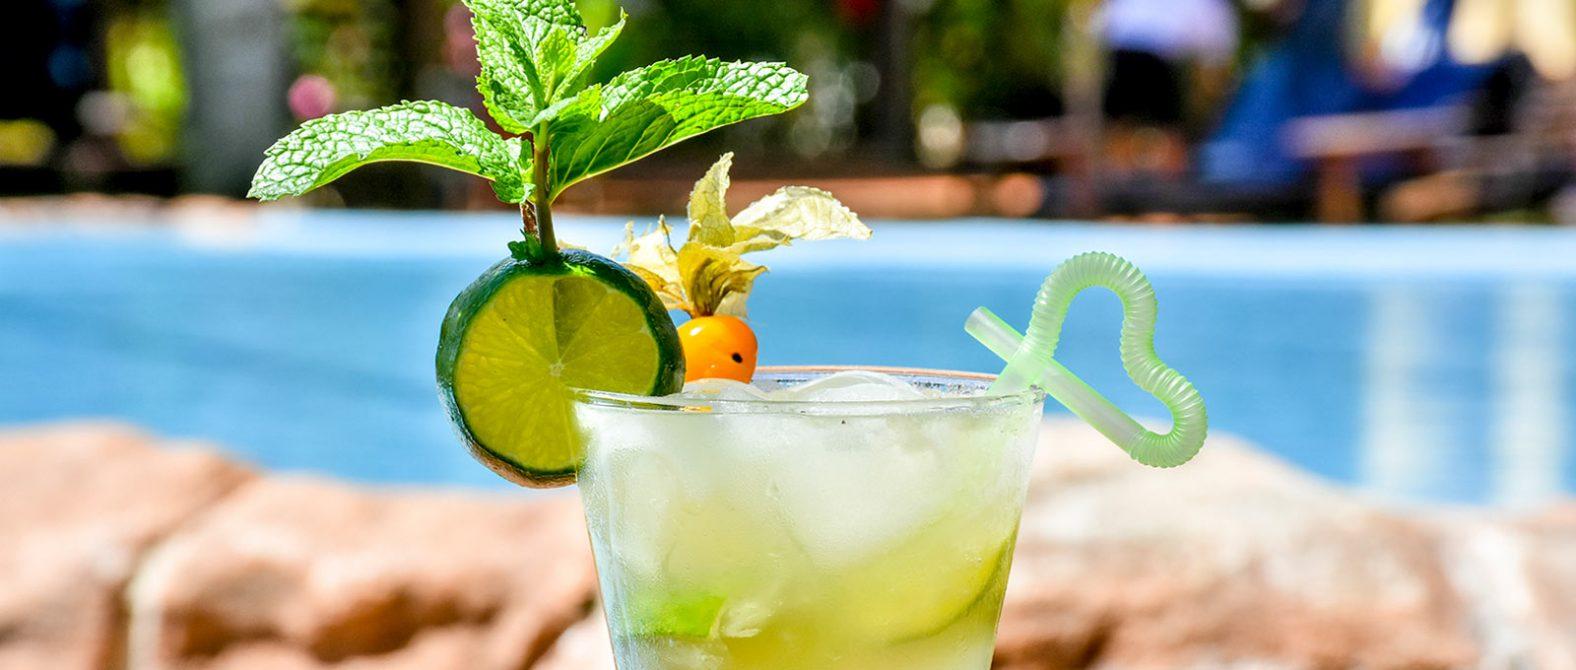 Festa contará com ilhas de caipirinha com 3 horas de open bar